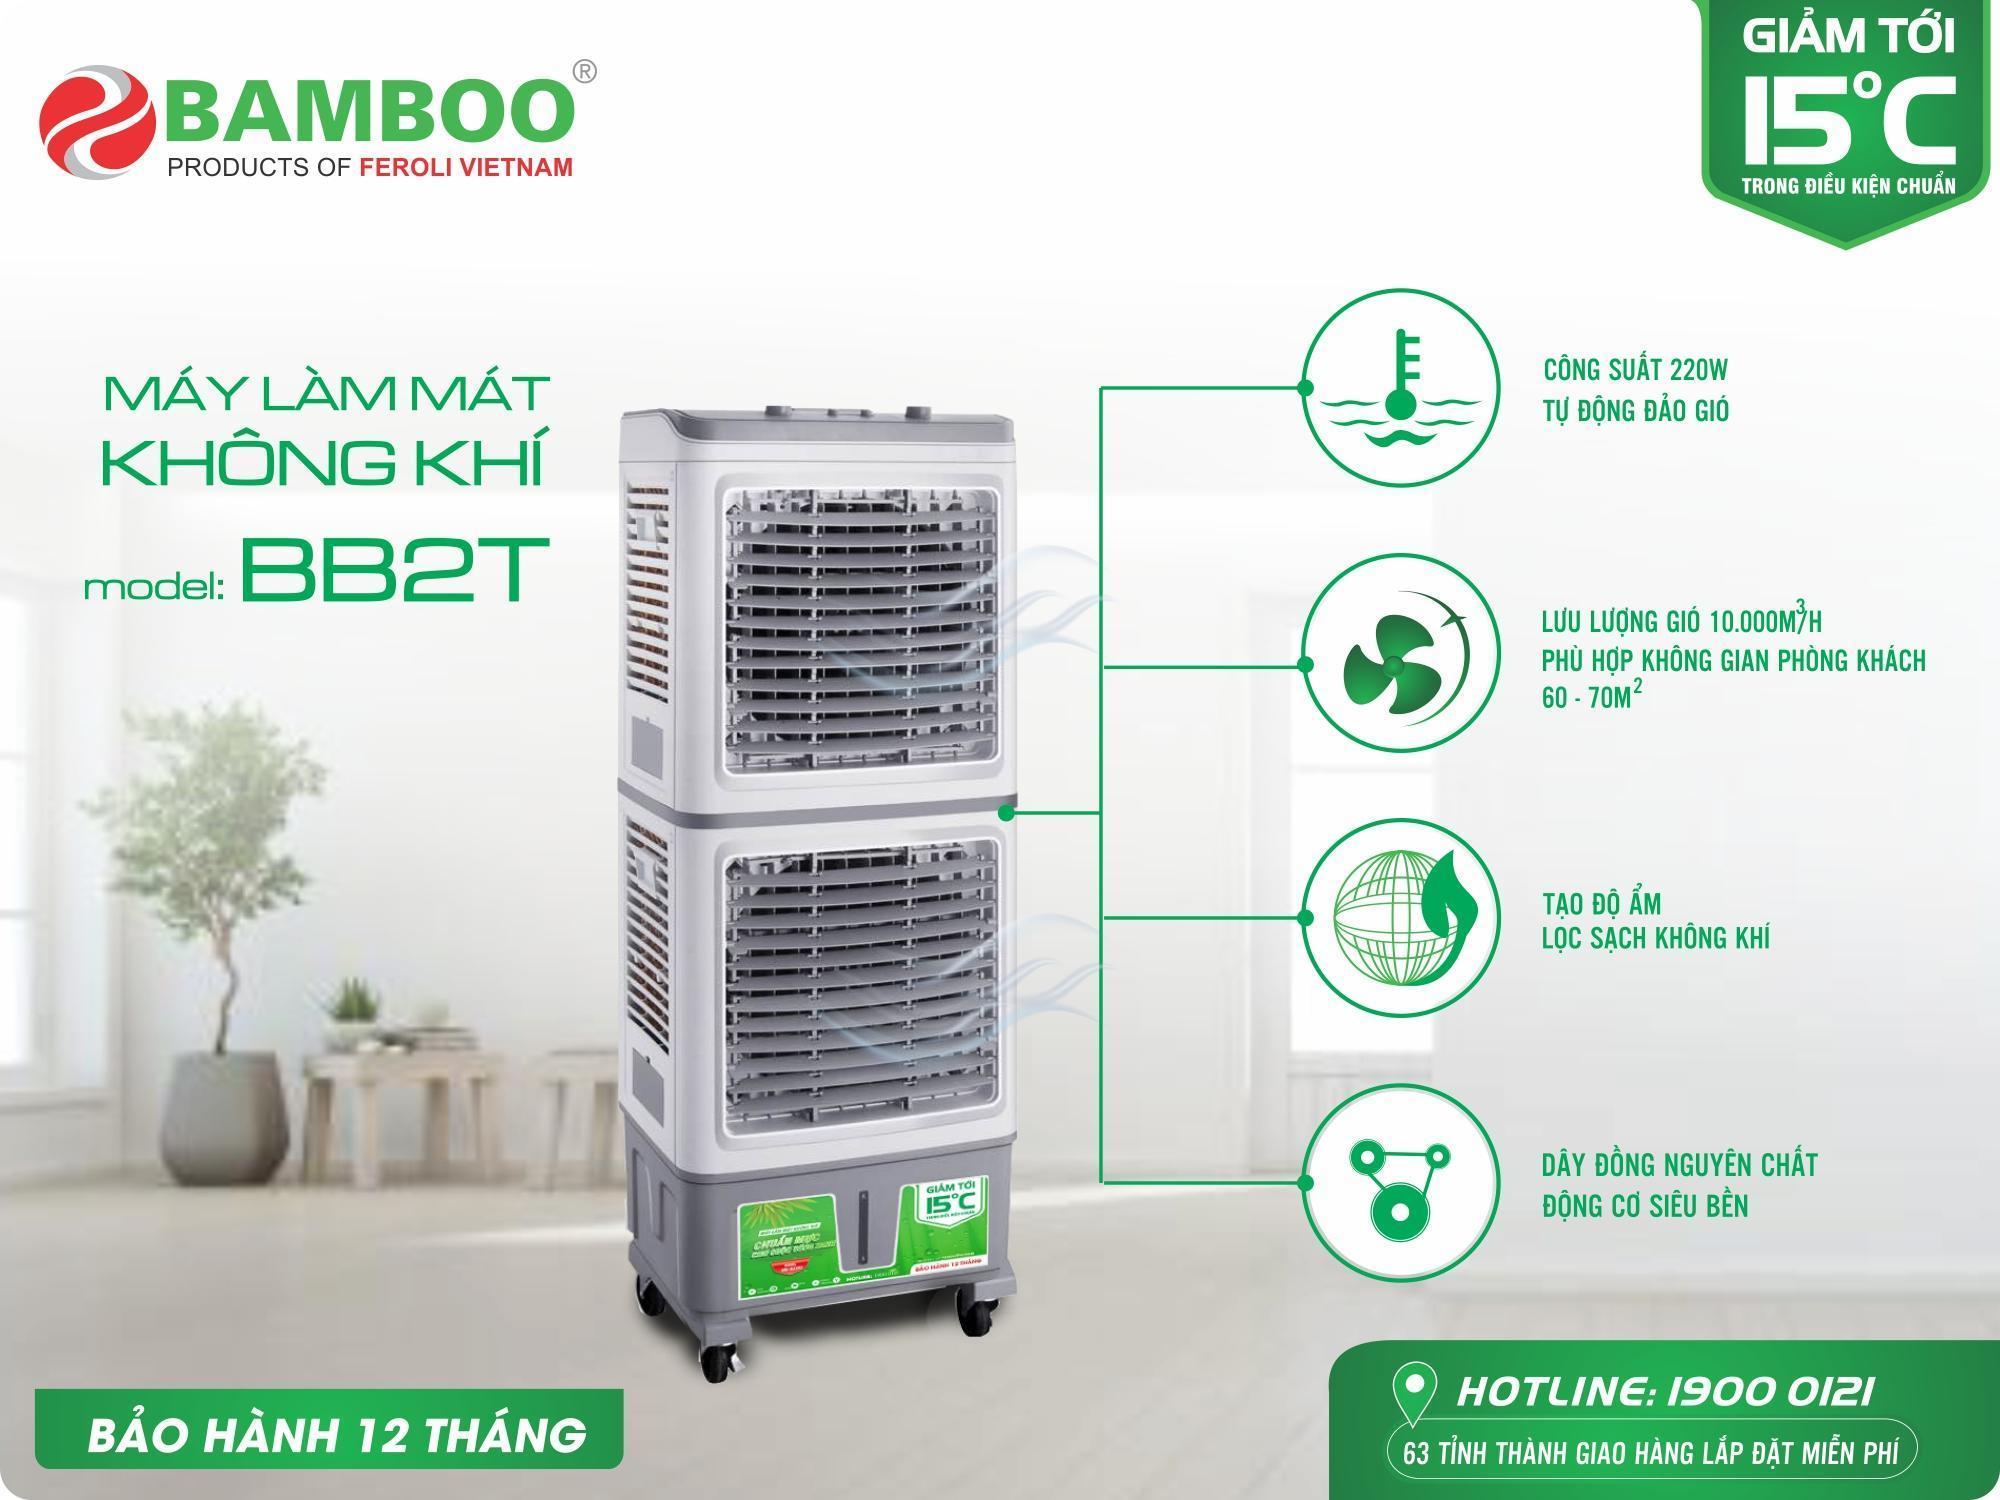 Quạt điều hòa Bamboo BB2T